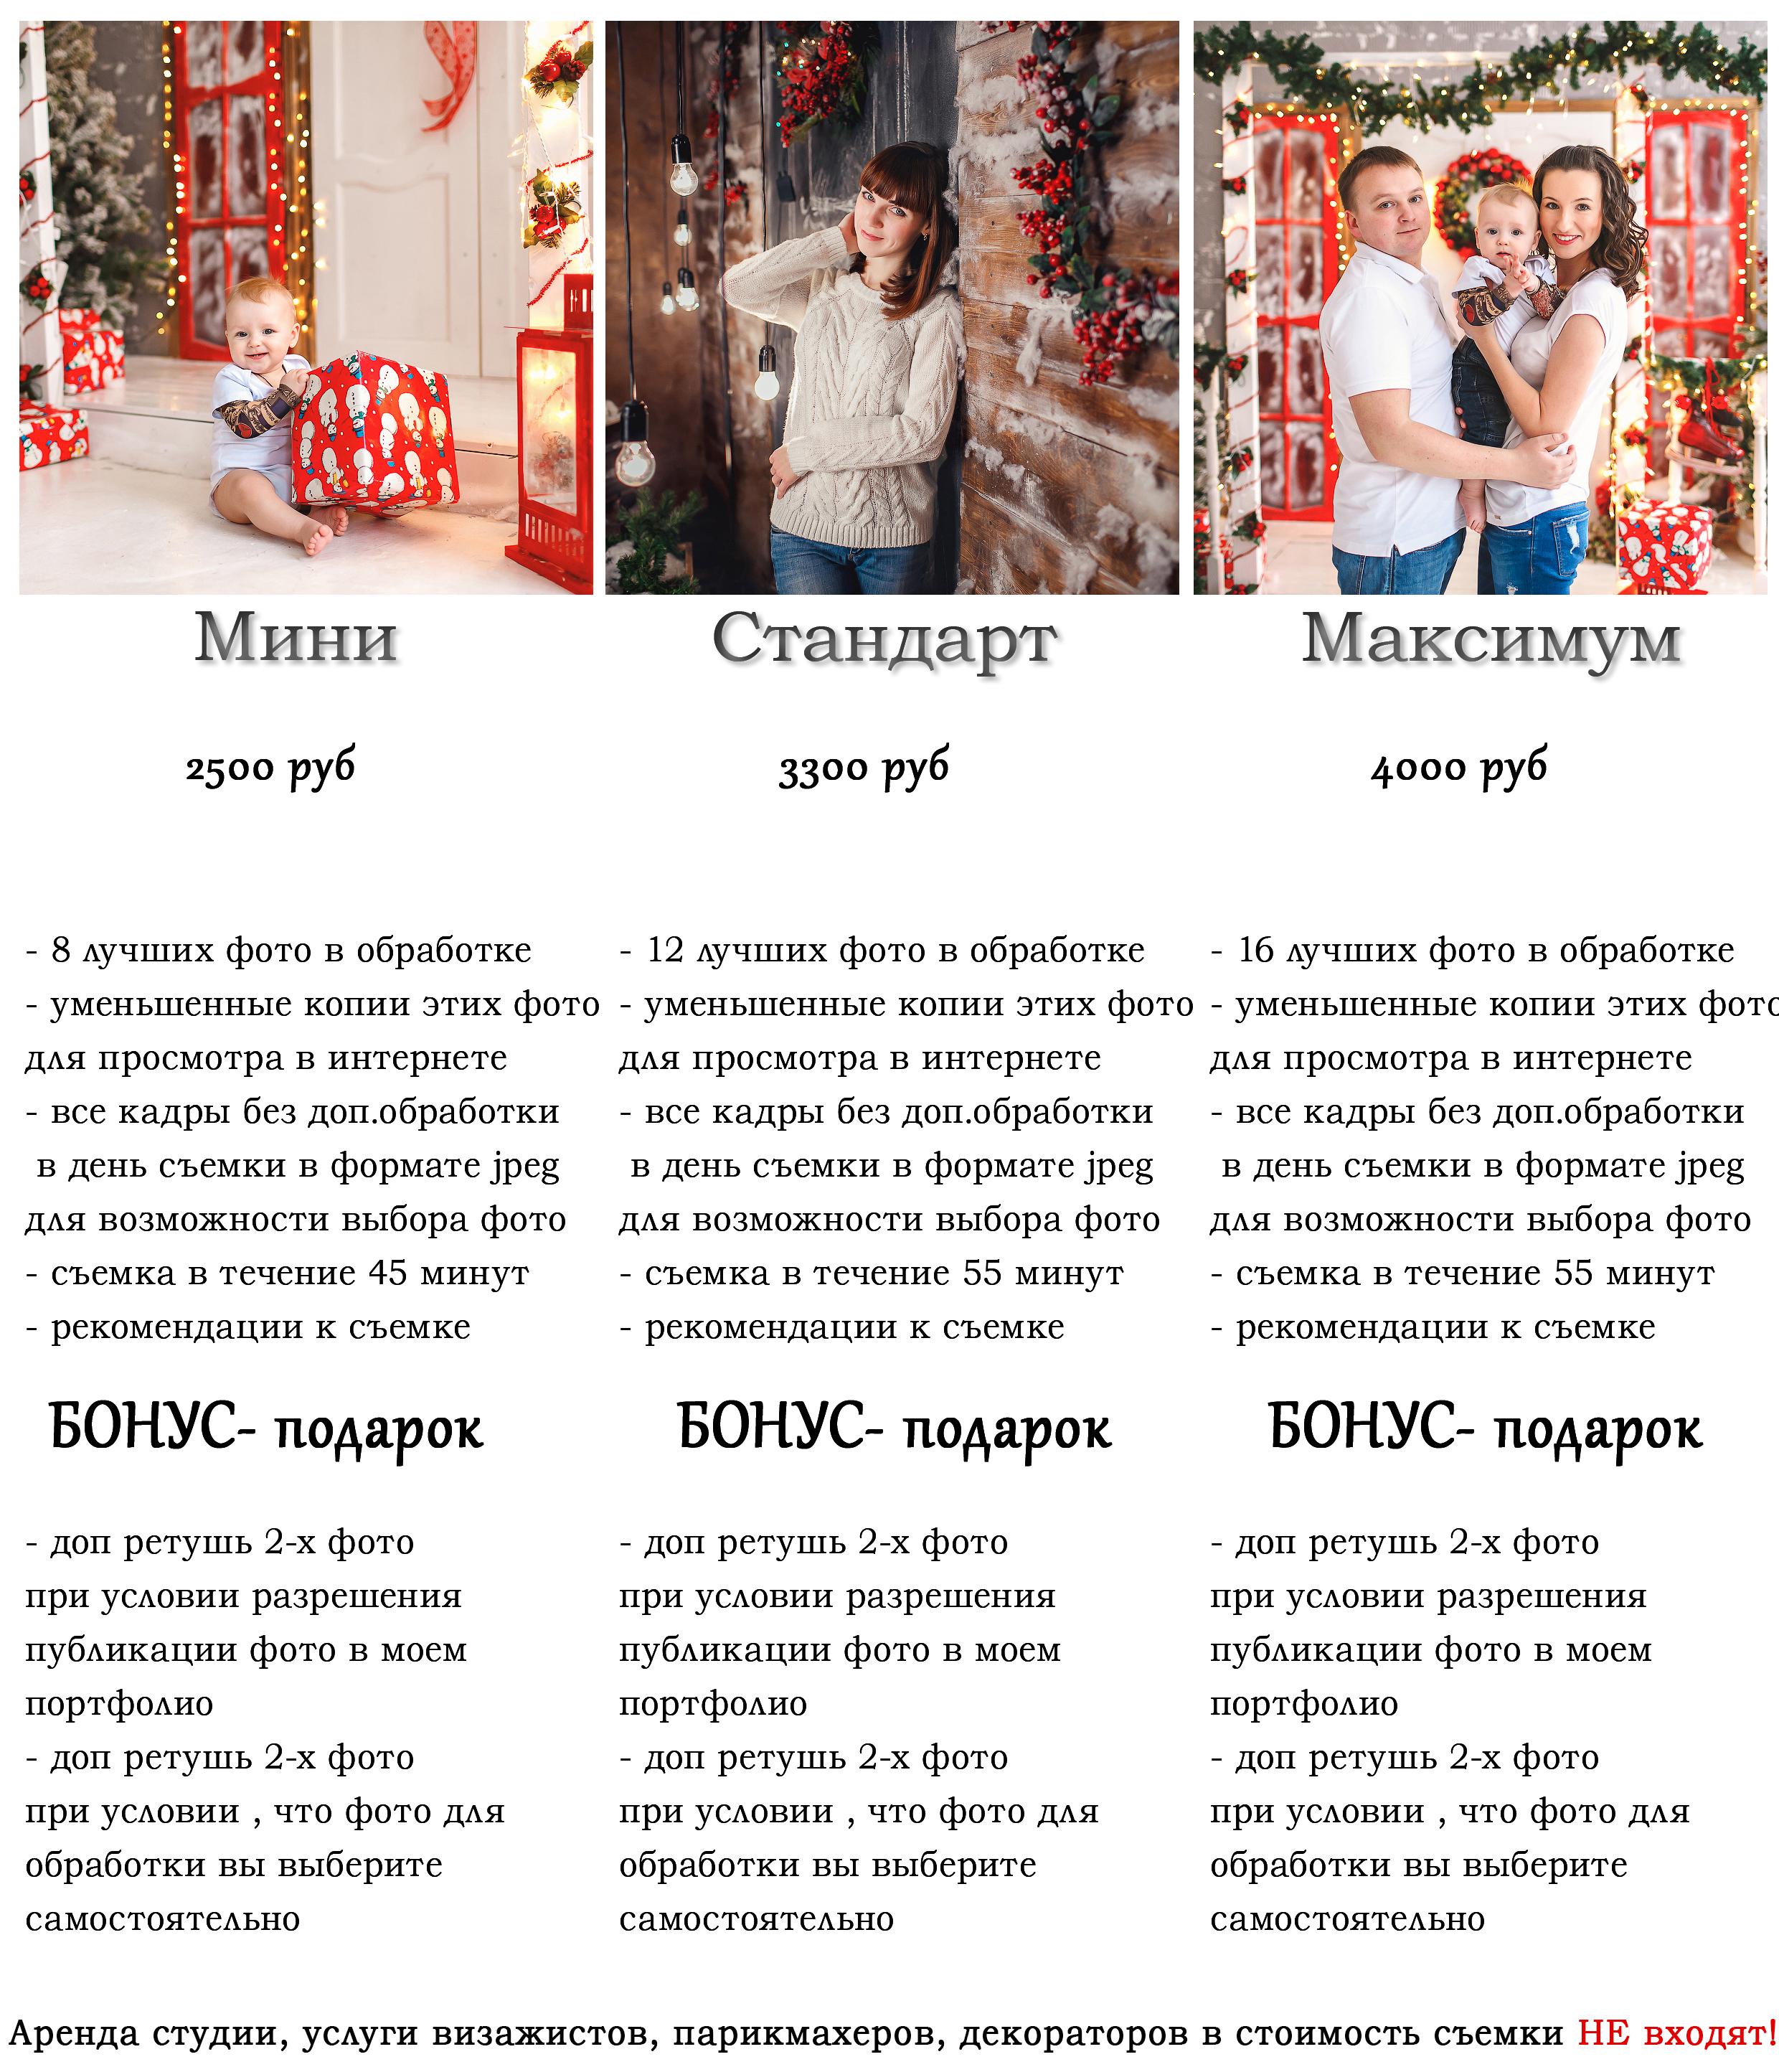 Пакеты и стоимость на новогодние фотосессии